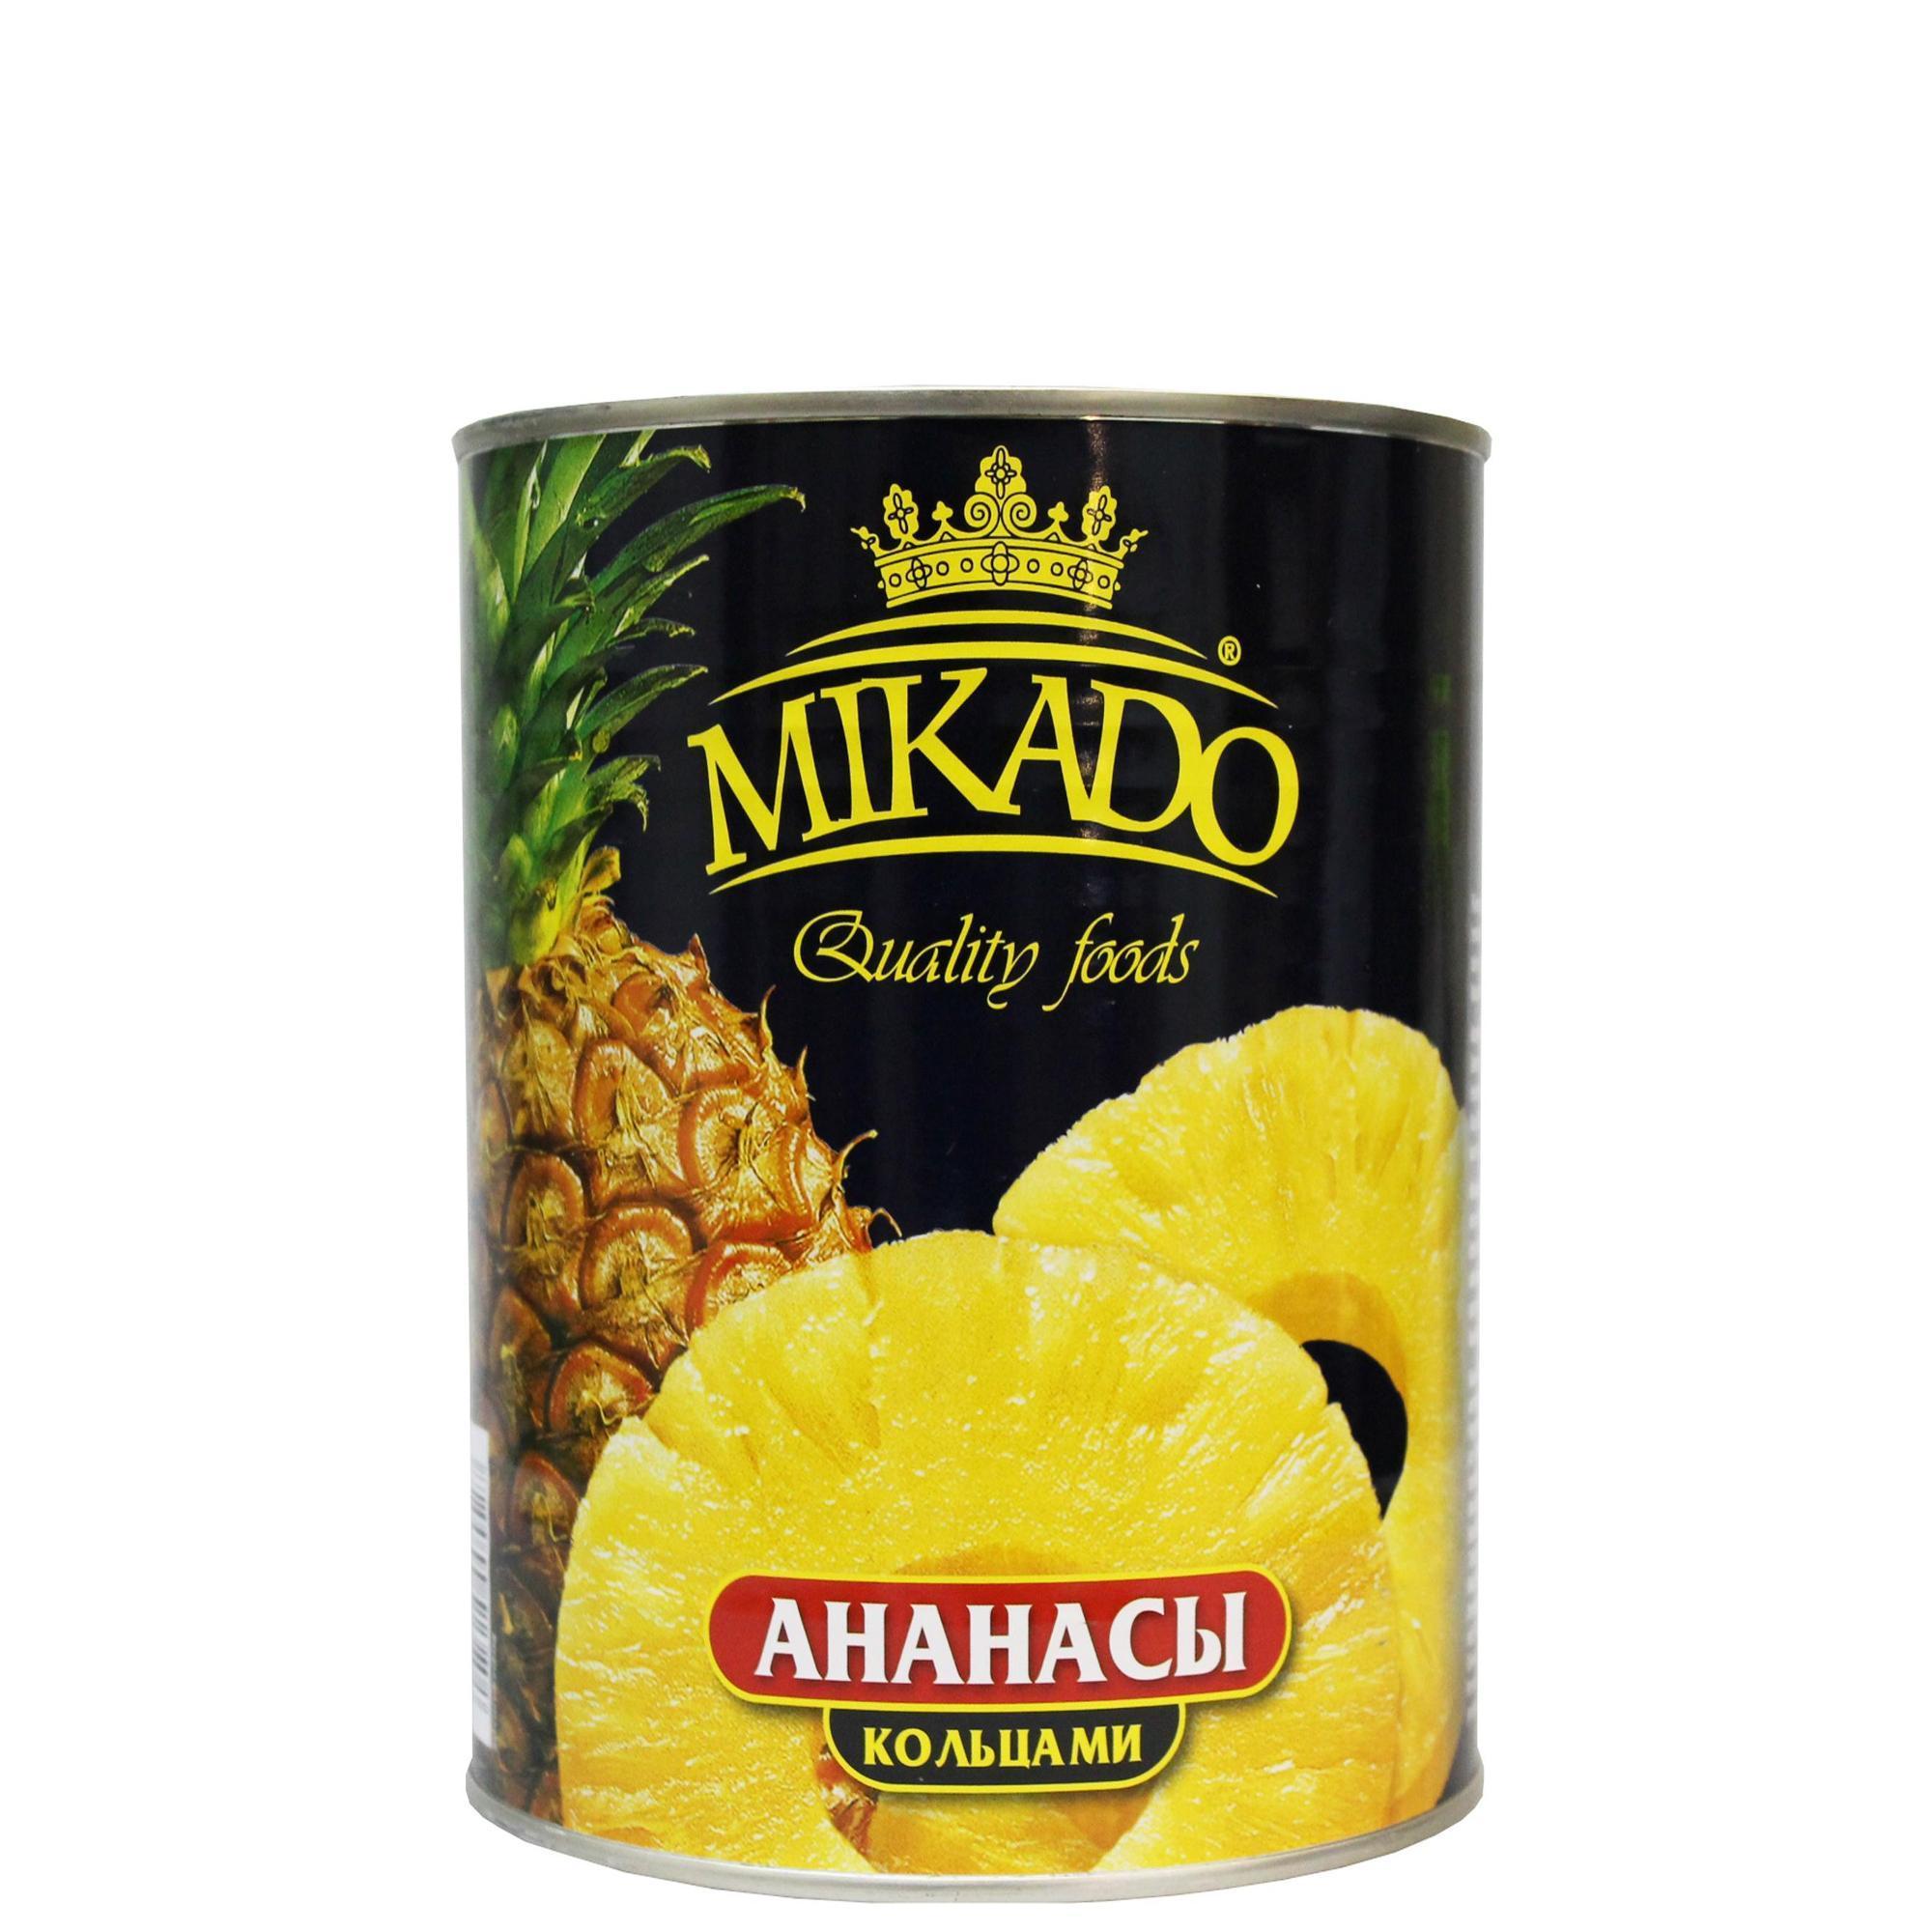 Ананасы Mikado кольцами